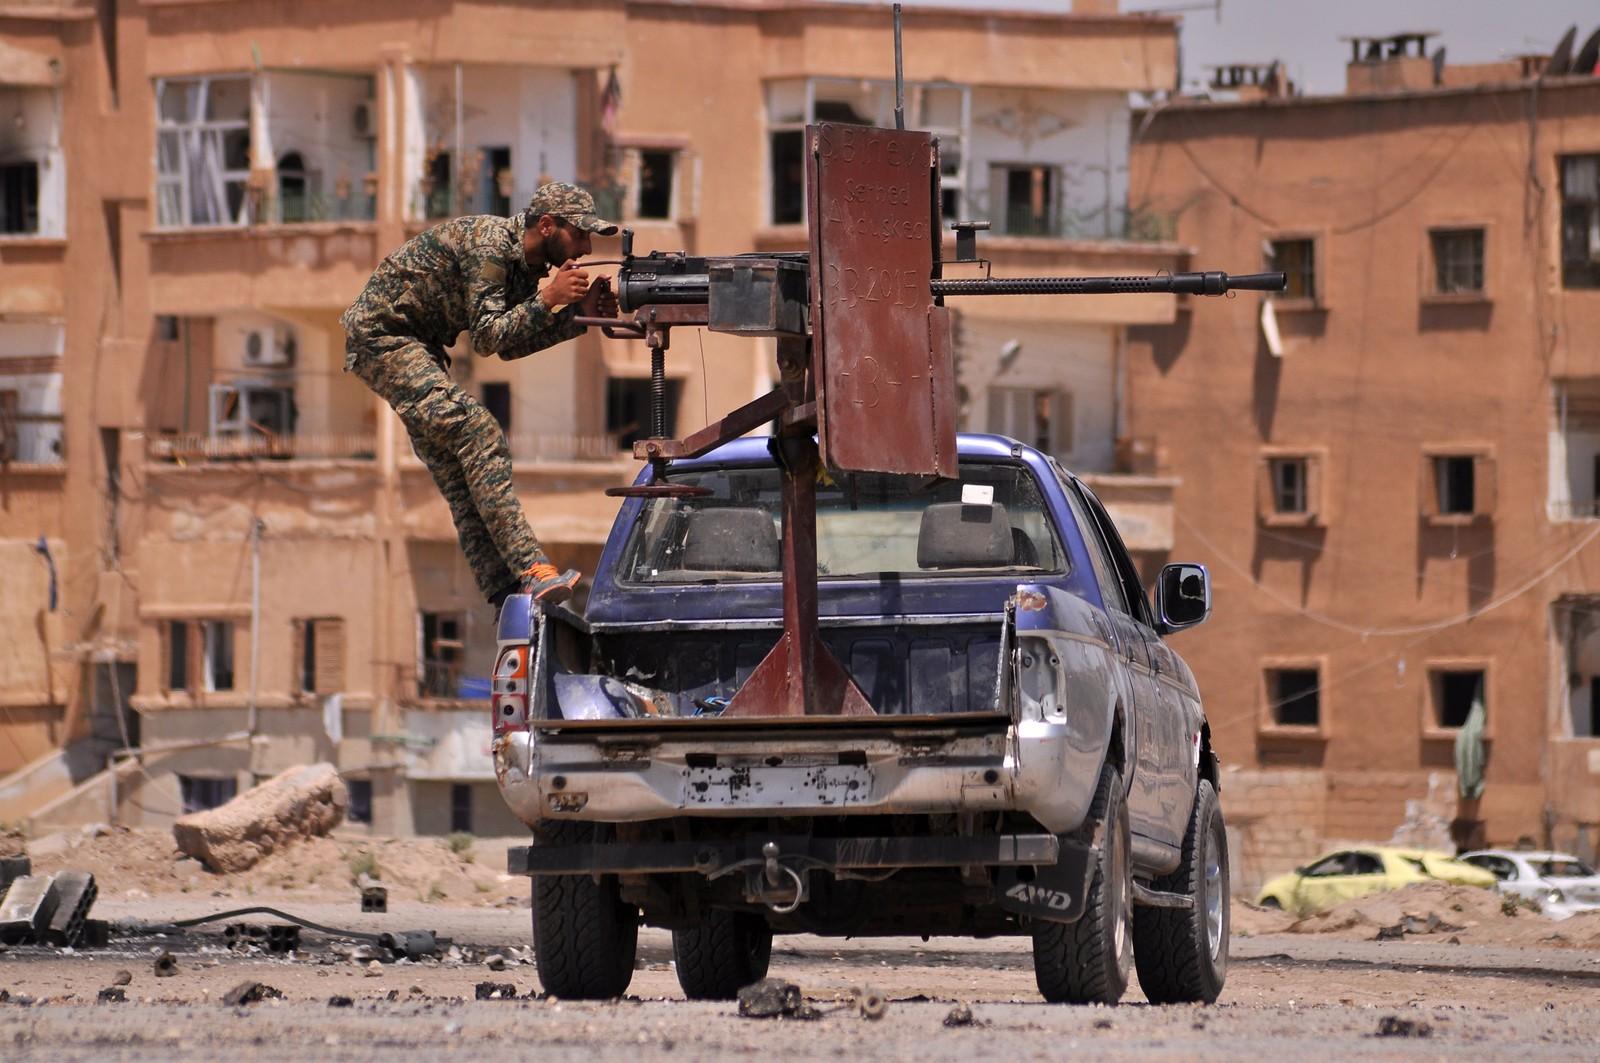 Et medlem av den kurdiske militsgruppen YPG i Al-Nashwa-området, nordøst i den syriske provinsen Hasakeh.